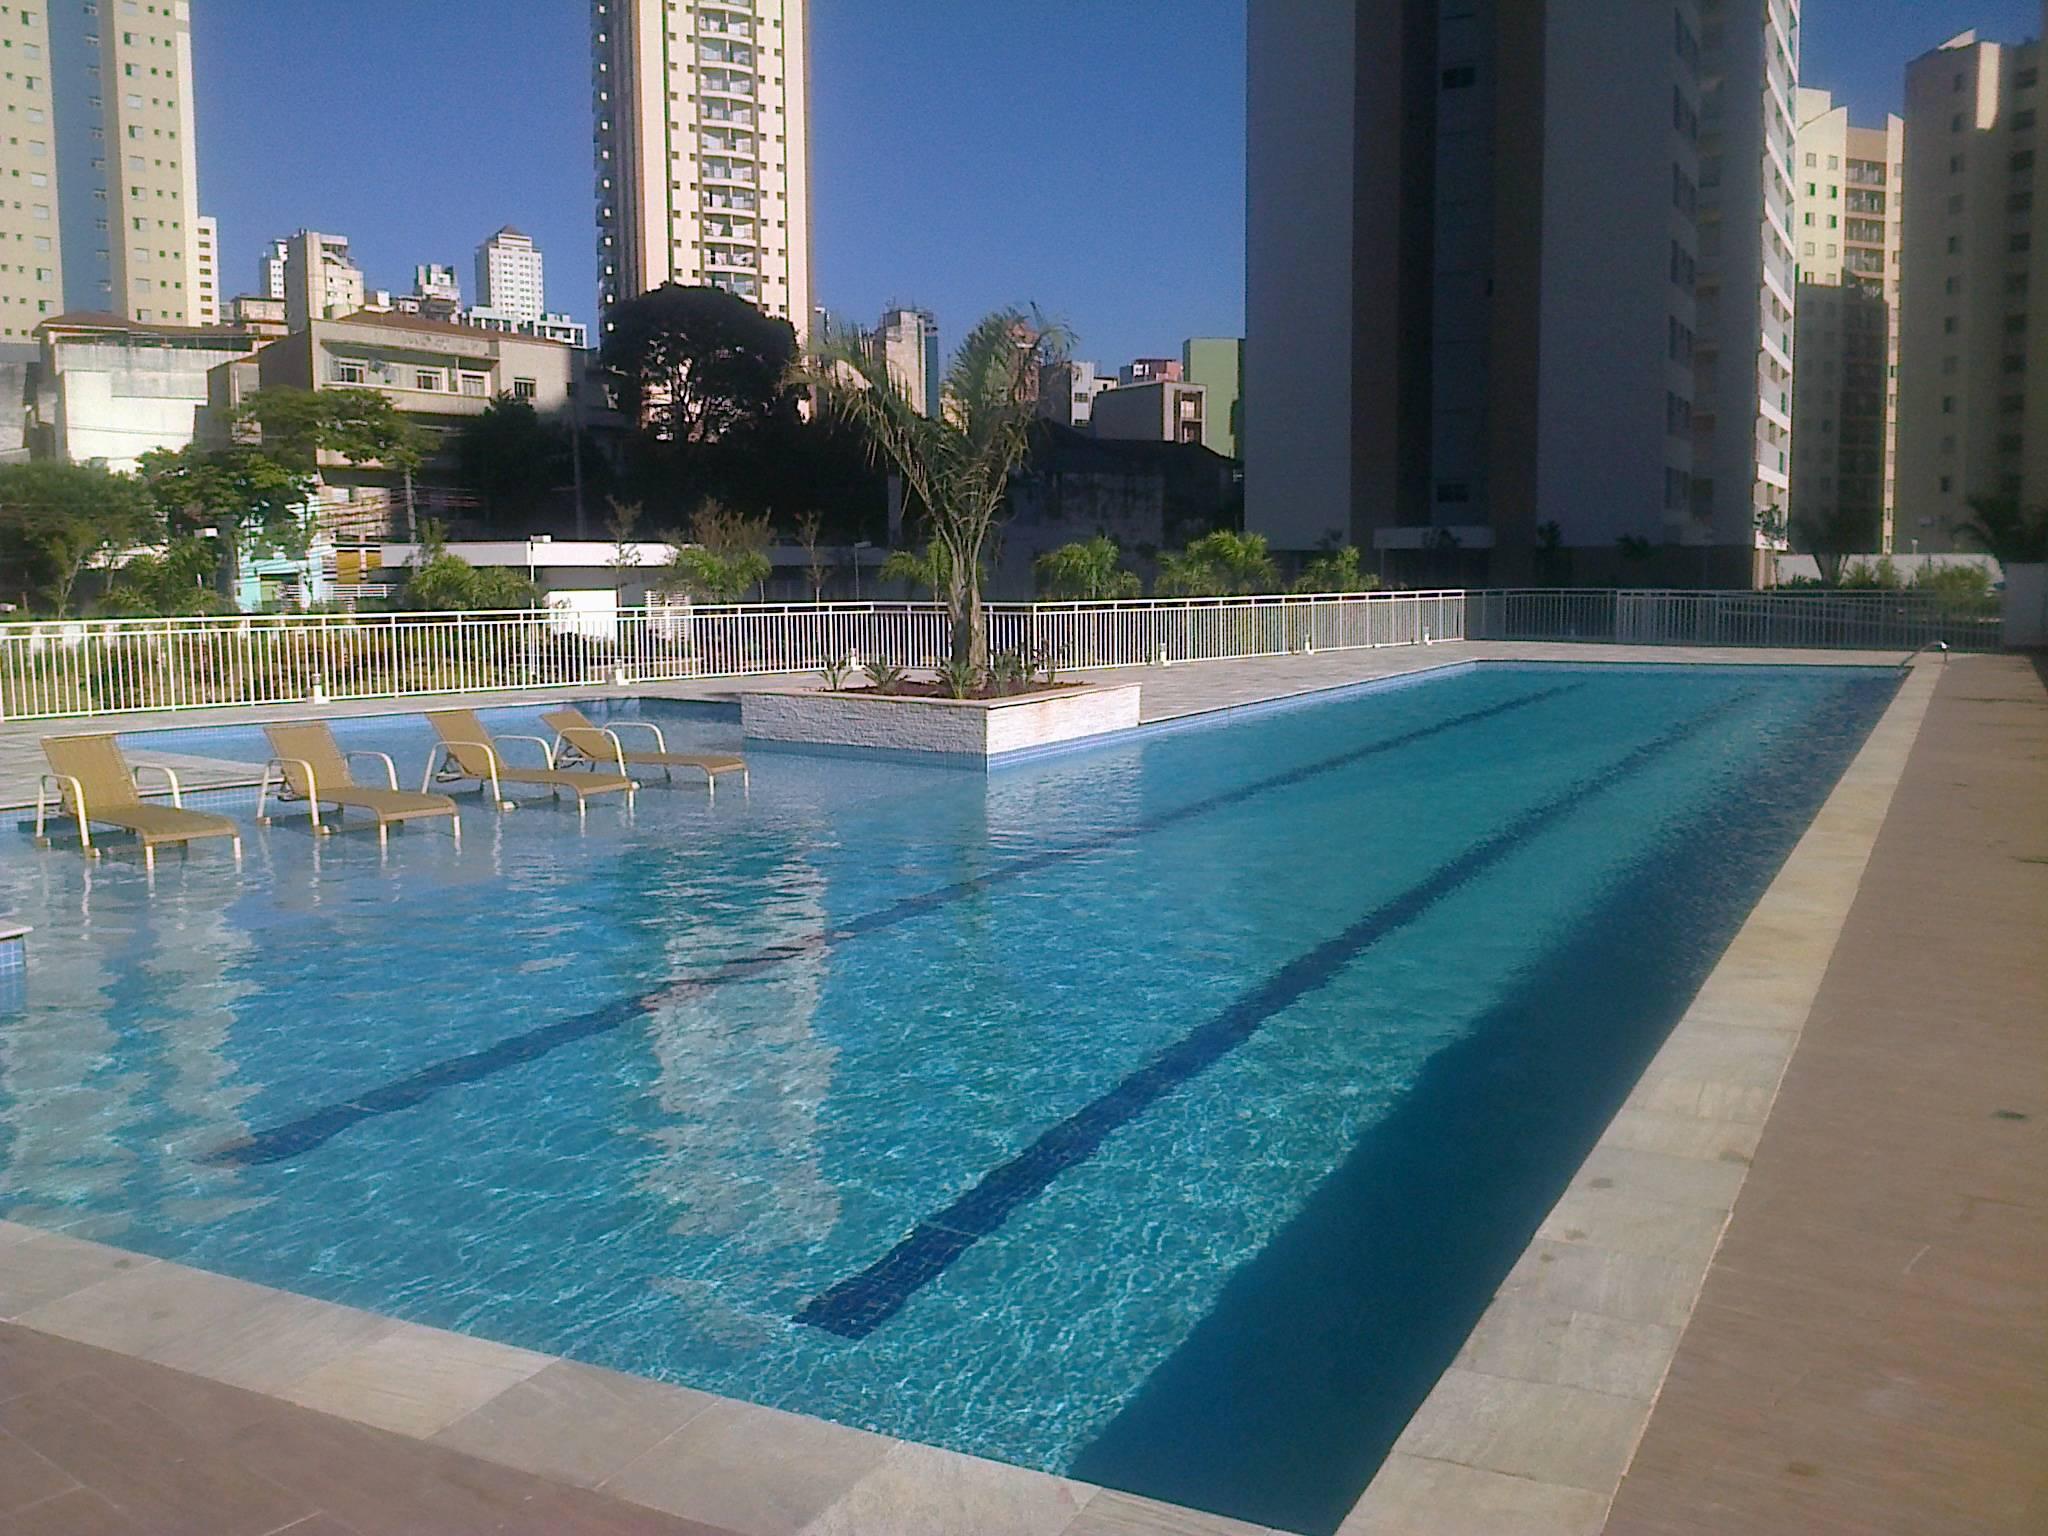 Empresas de Limpeza de Piscina na Vila Brasilina - Serviços de Limpeza de Piscina